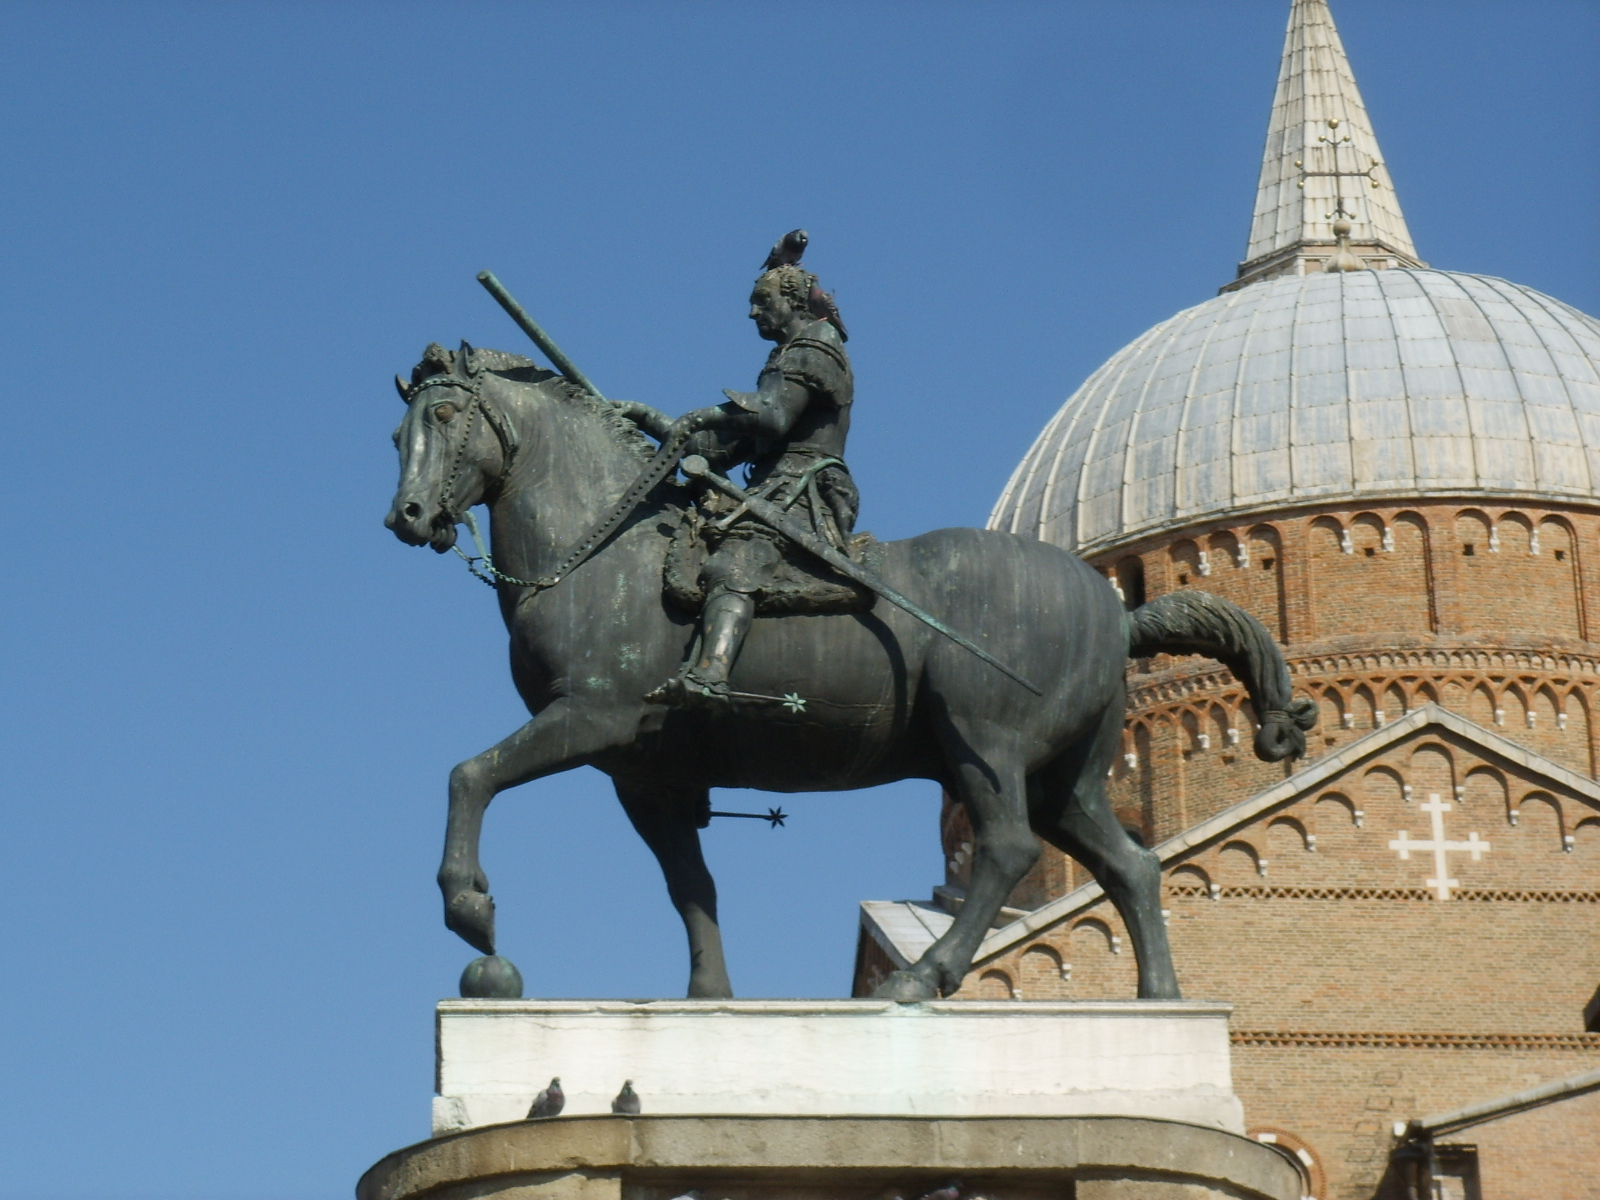 File:Donatello, Monumento equestre al Gattamelata 04.JPG ...